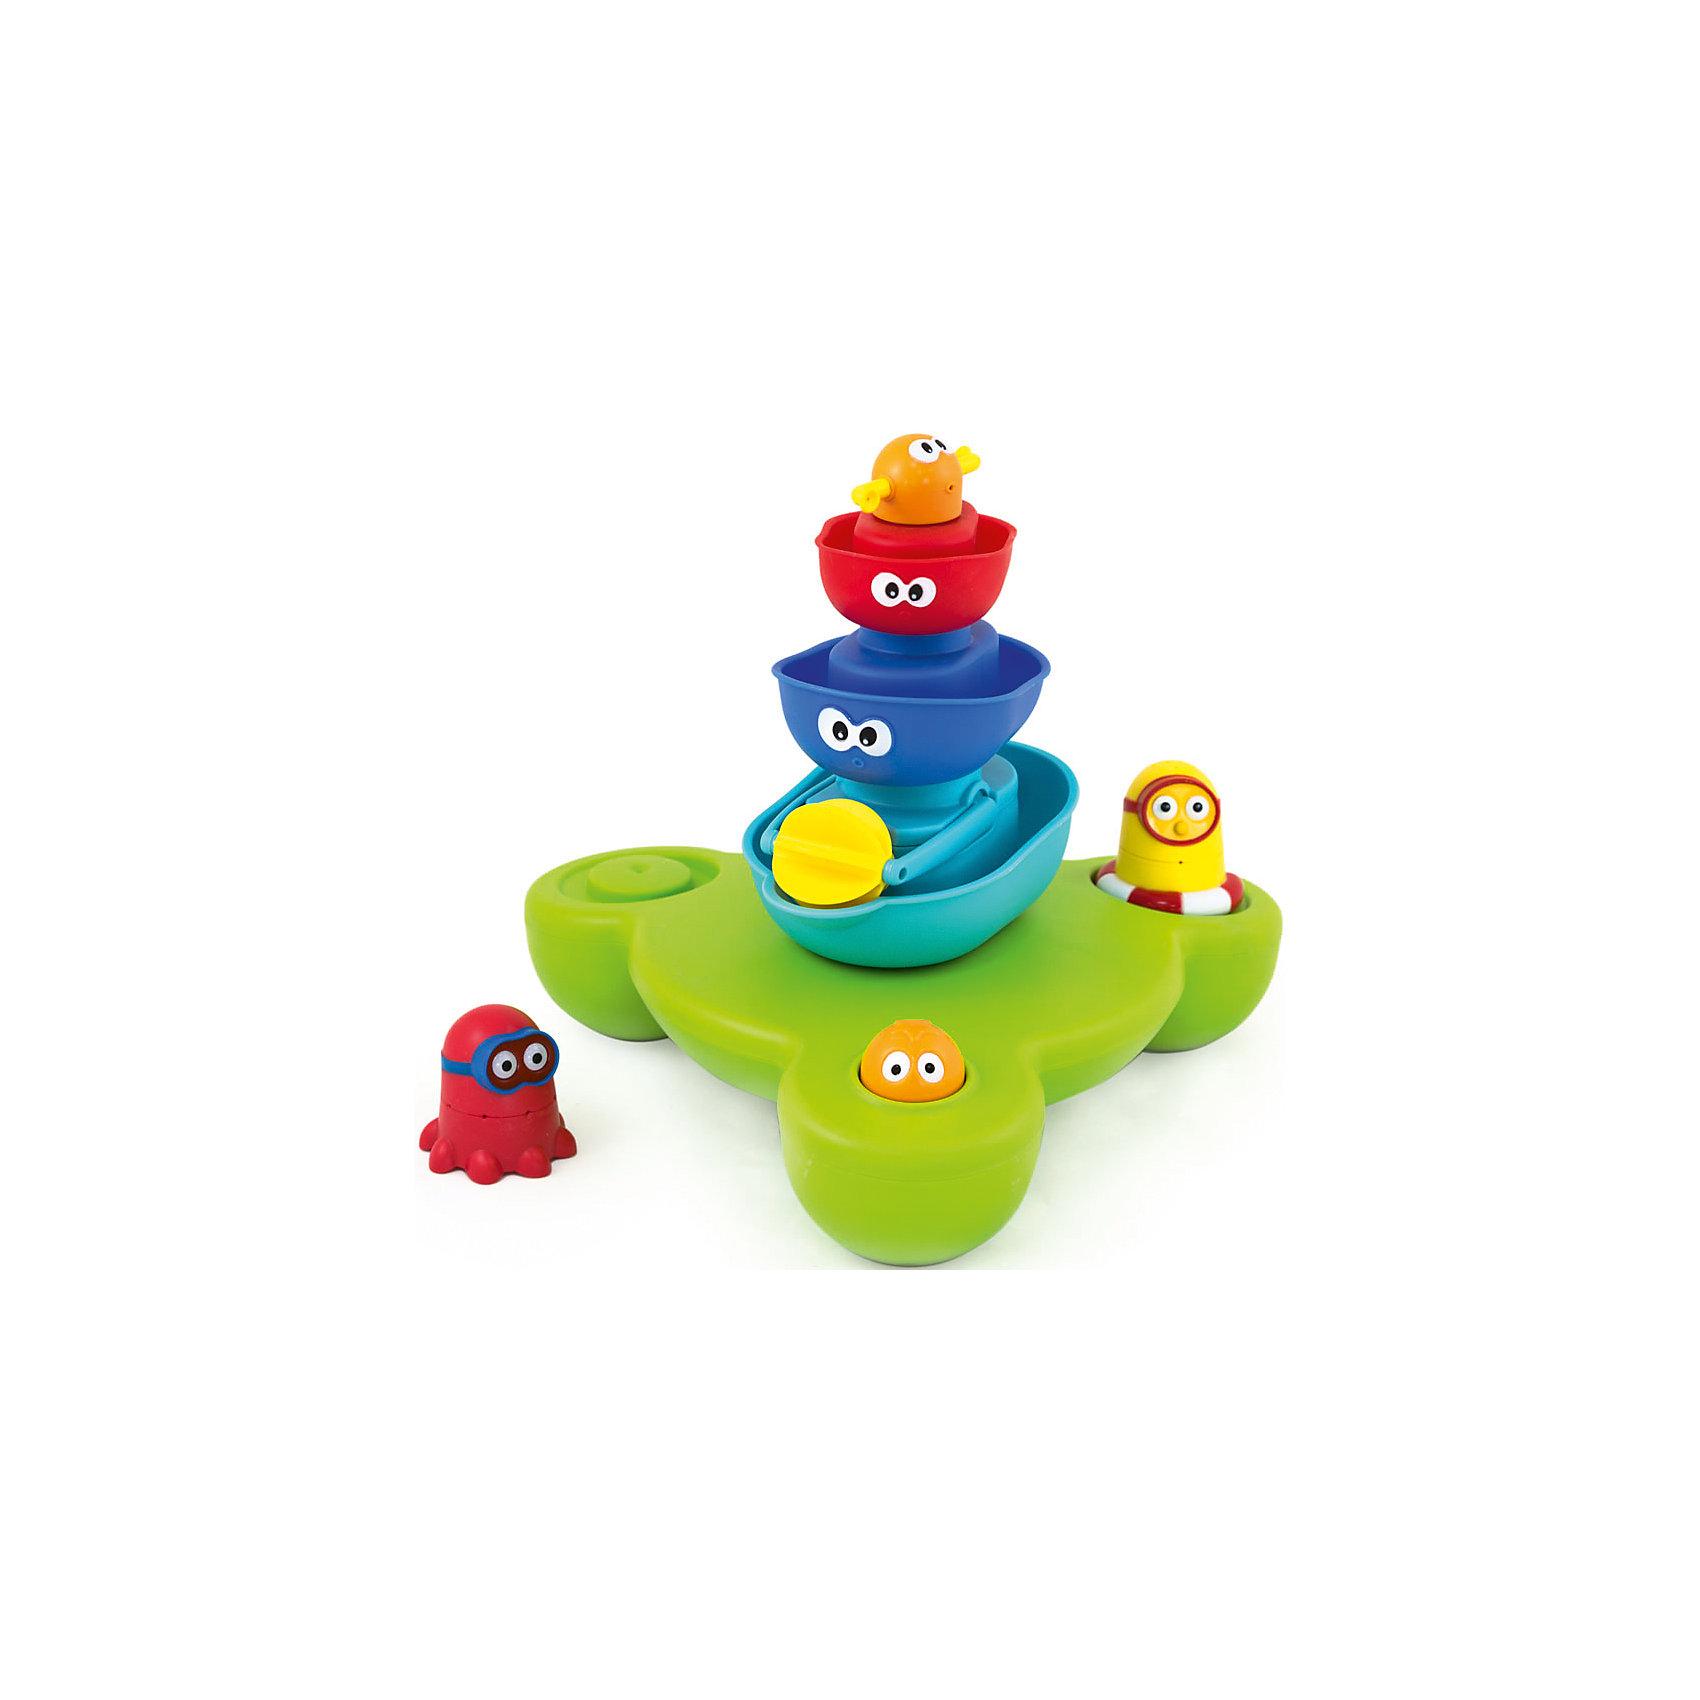 Pic'nMix Игрушка для ванны Пирамидка Фонтан, Pic'nMix